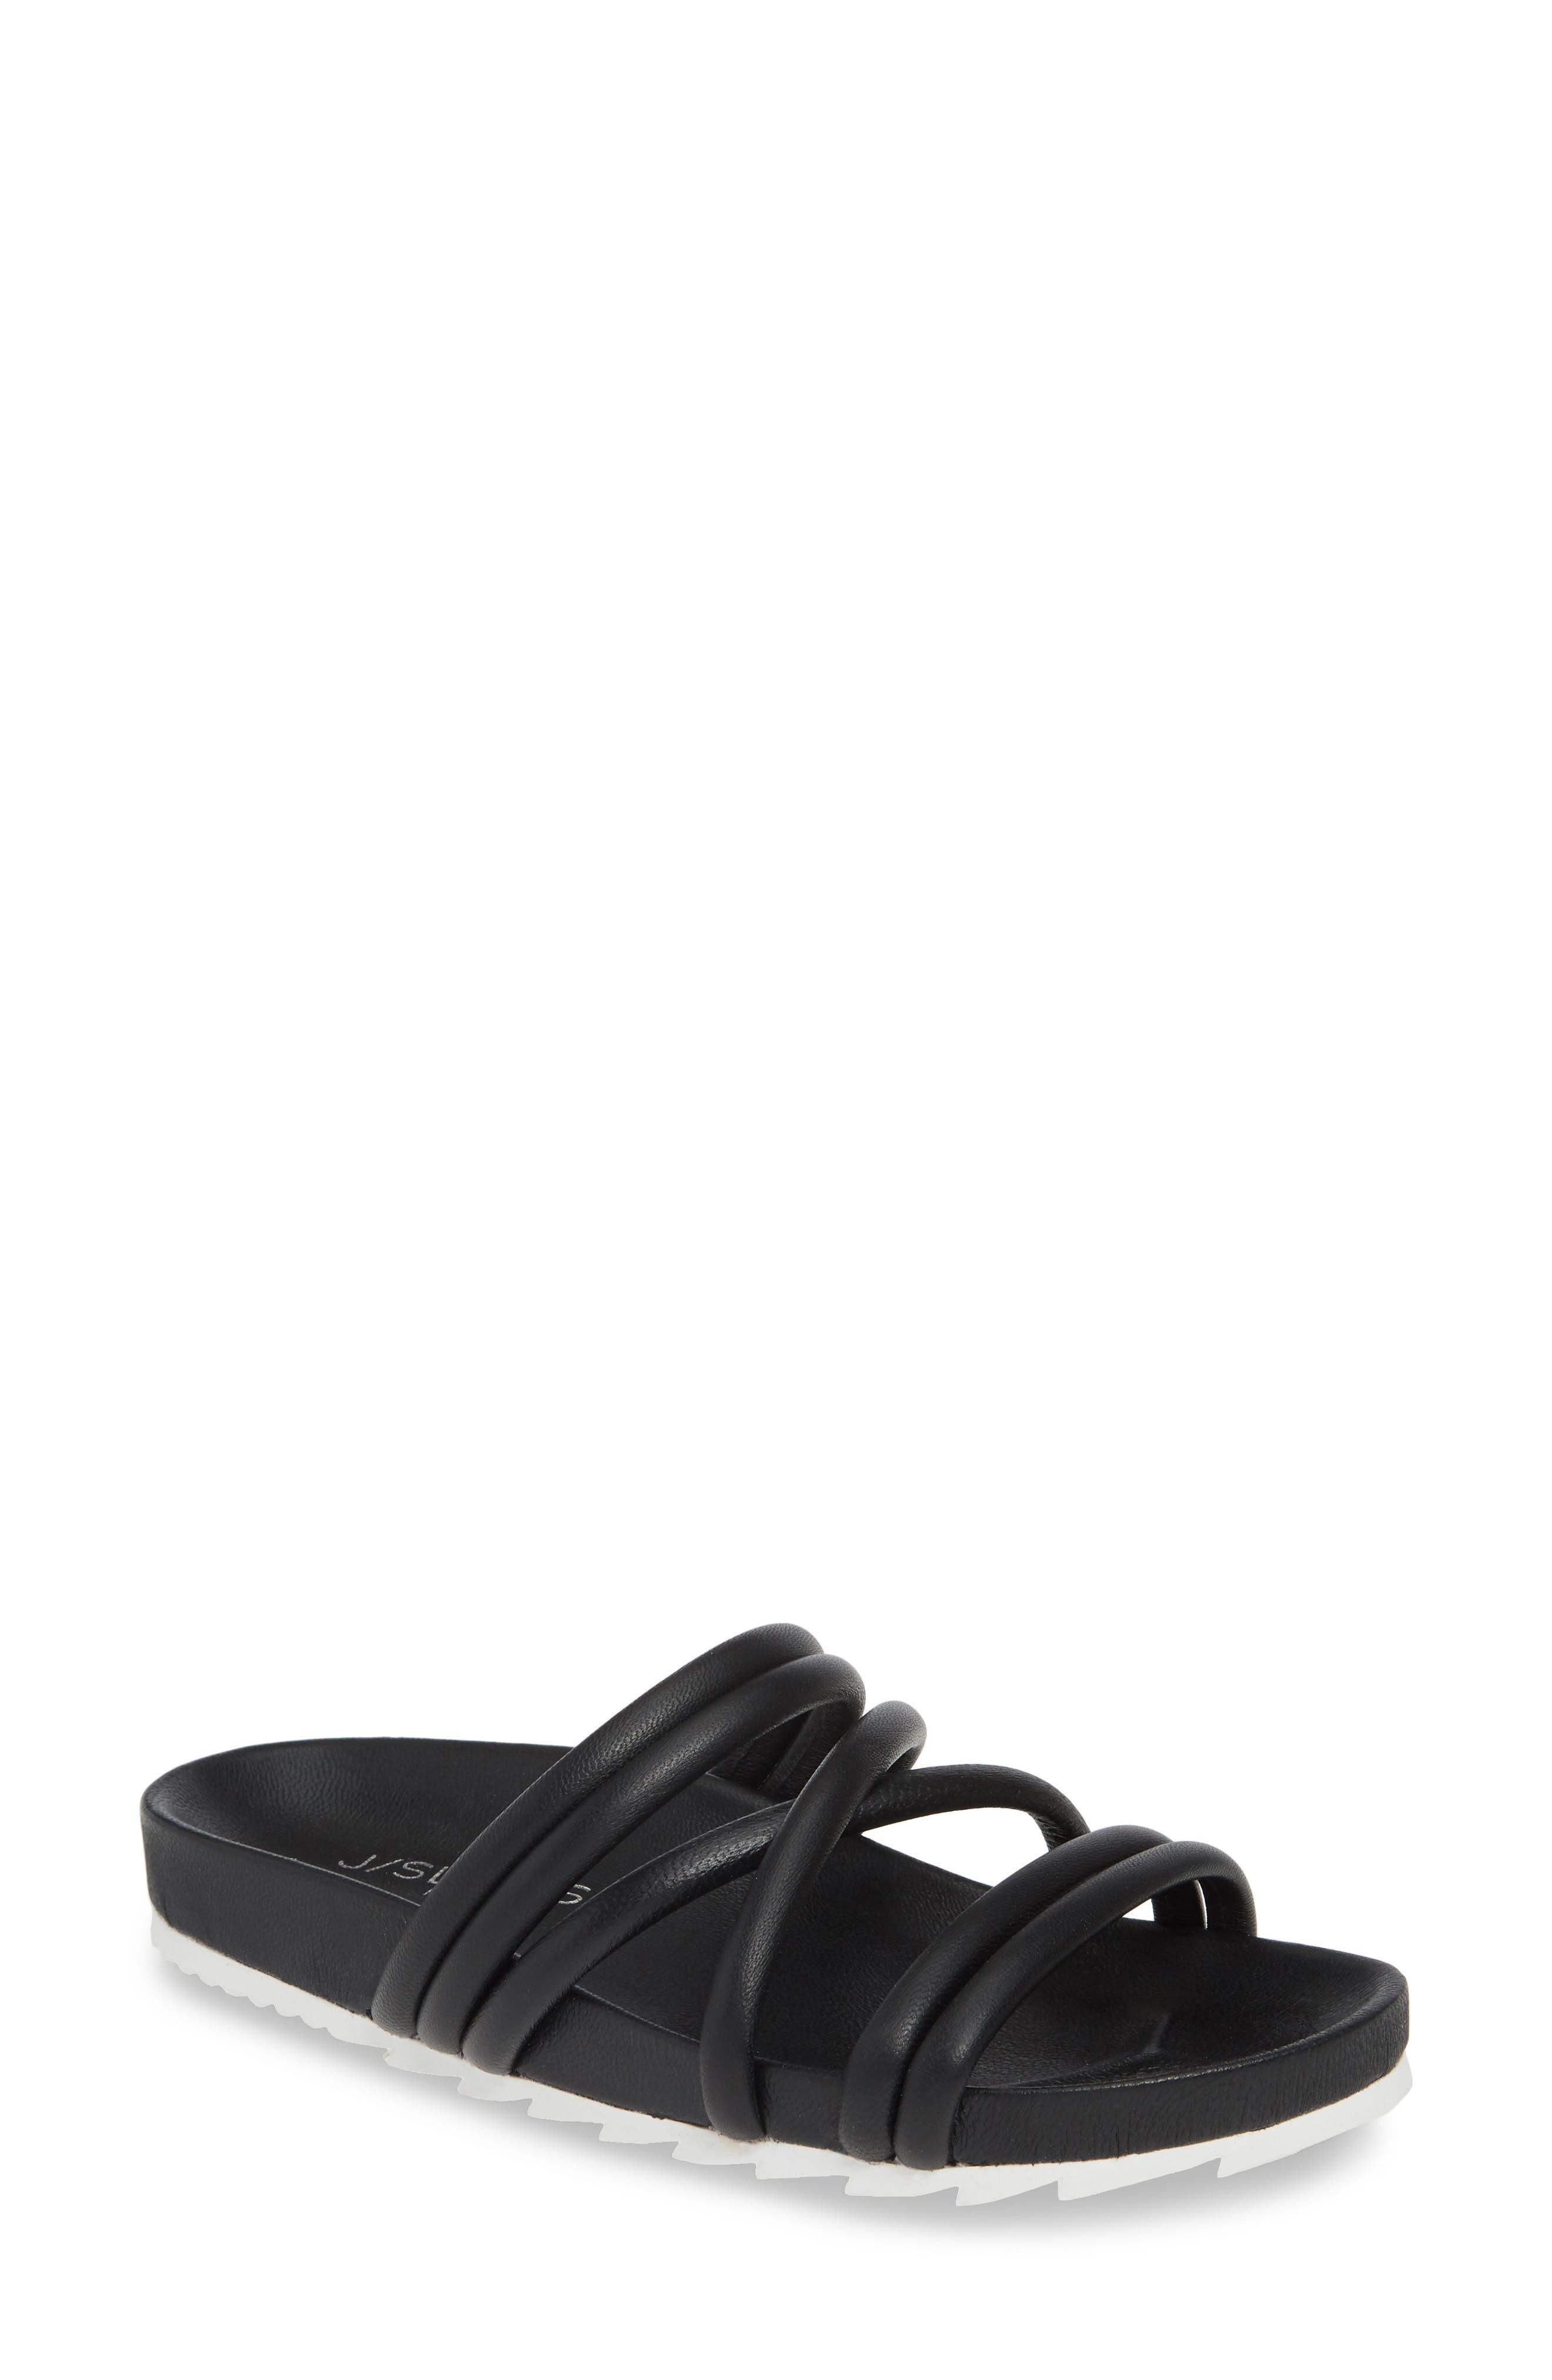 Jslides Tess Strappy Slide Sandal- Black